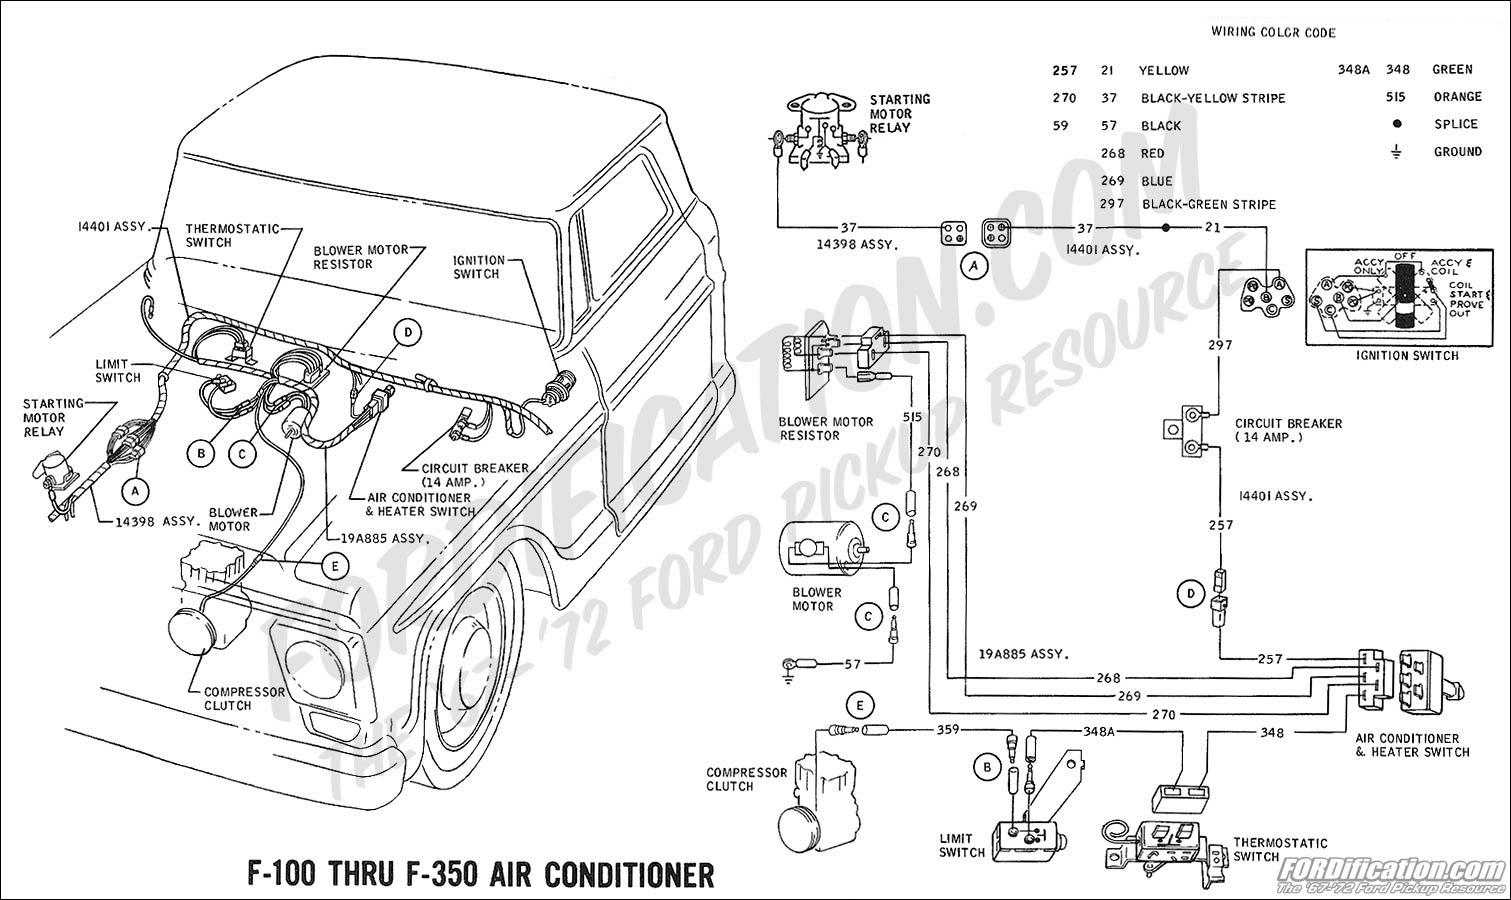 20 Unique 04 Ford Taurus Serpentine Belt Diagram